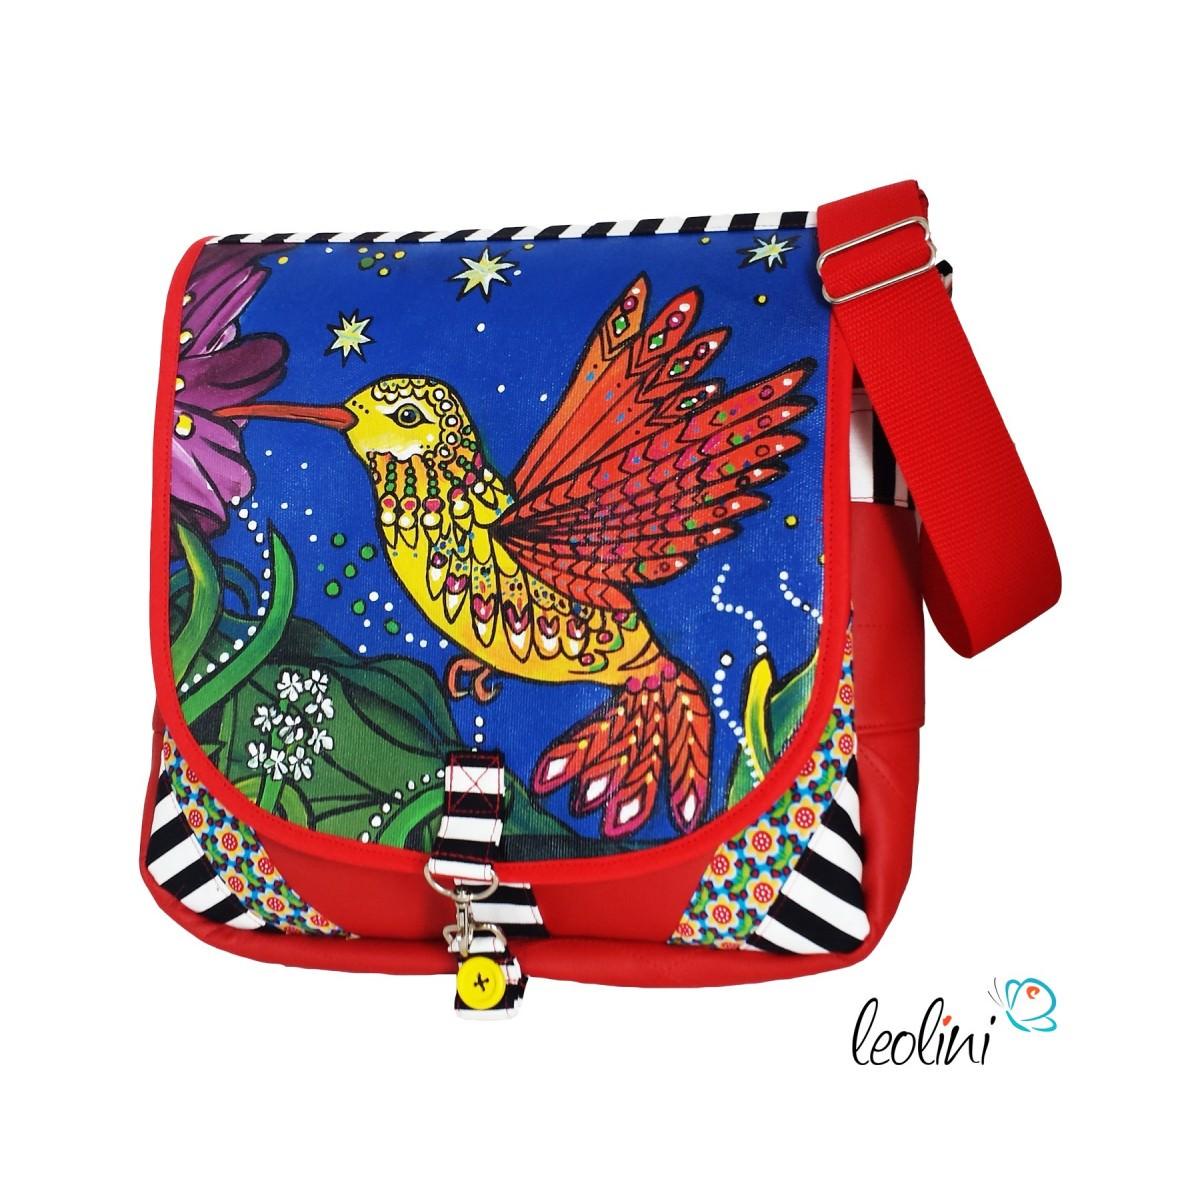 Umhängetasche mit Kolibri Malerei